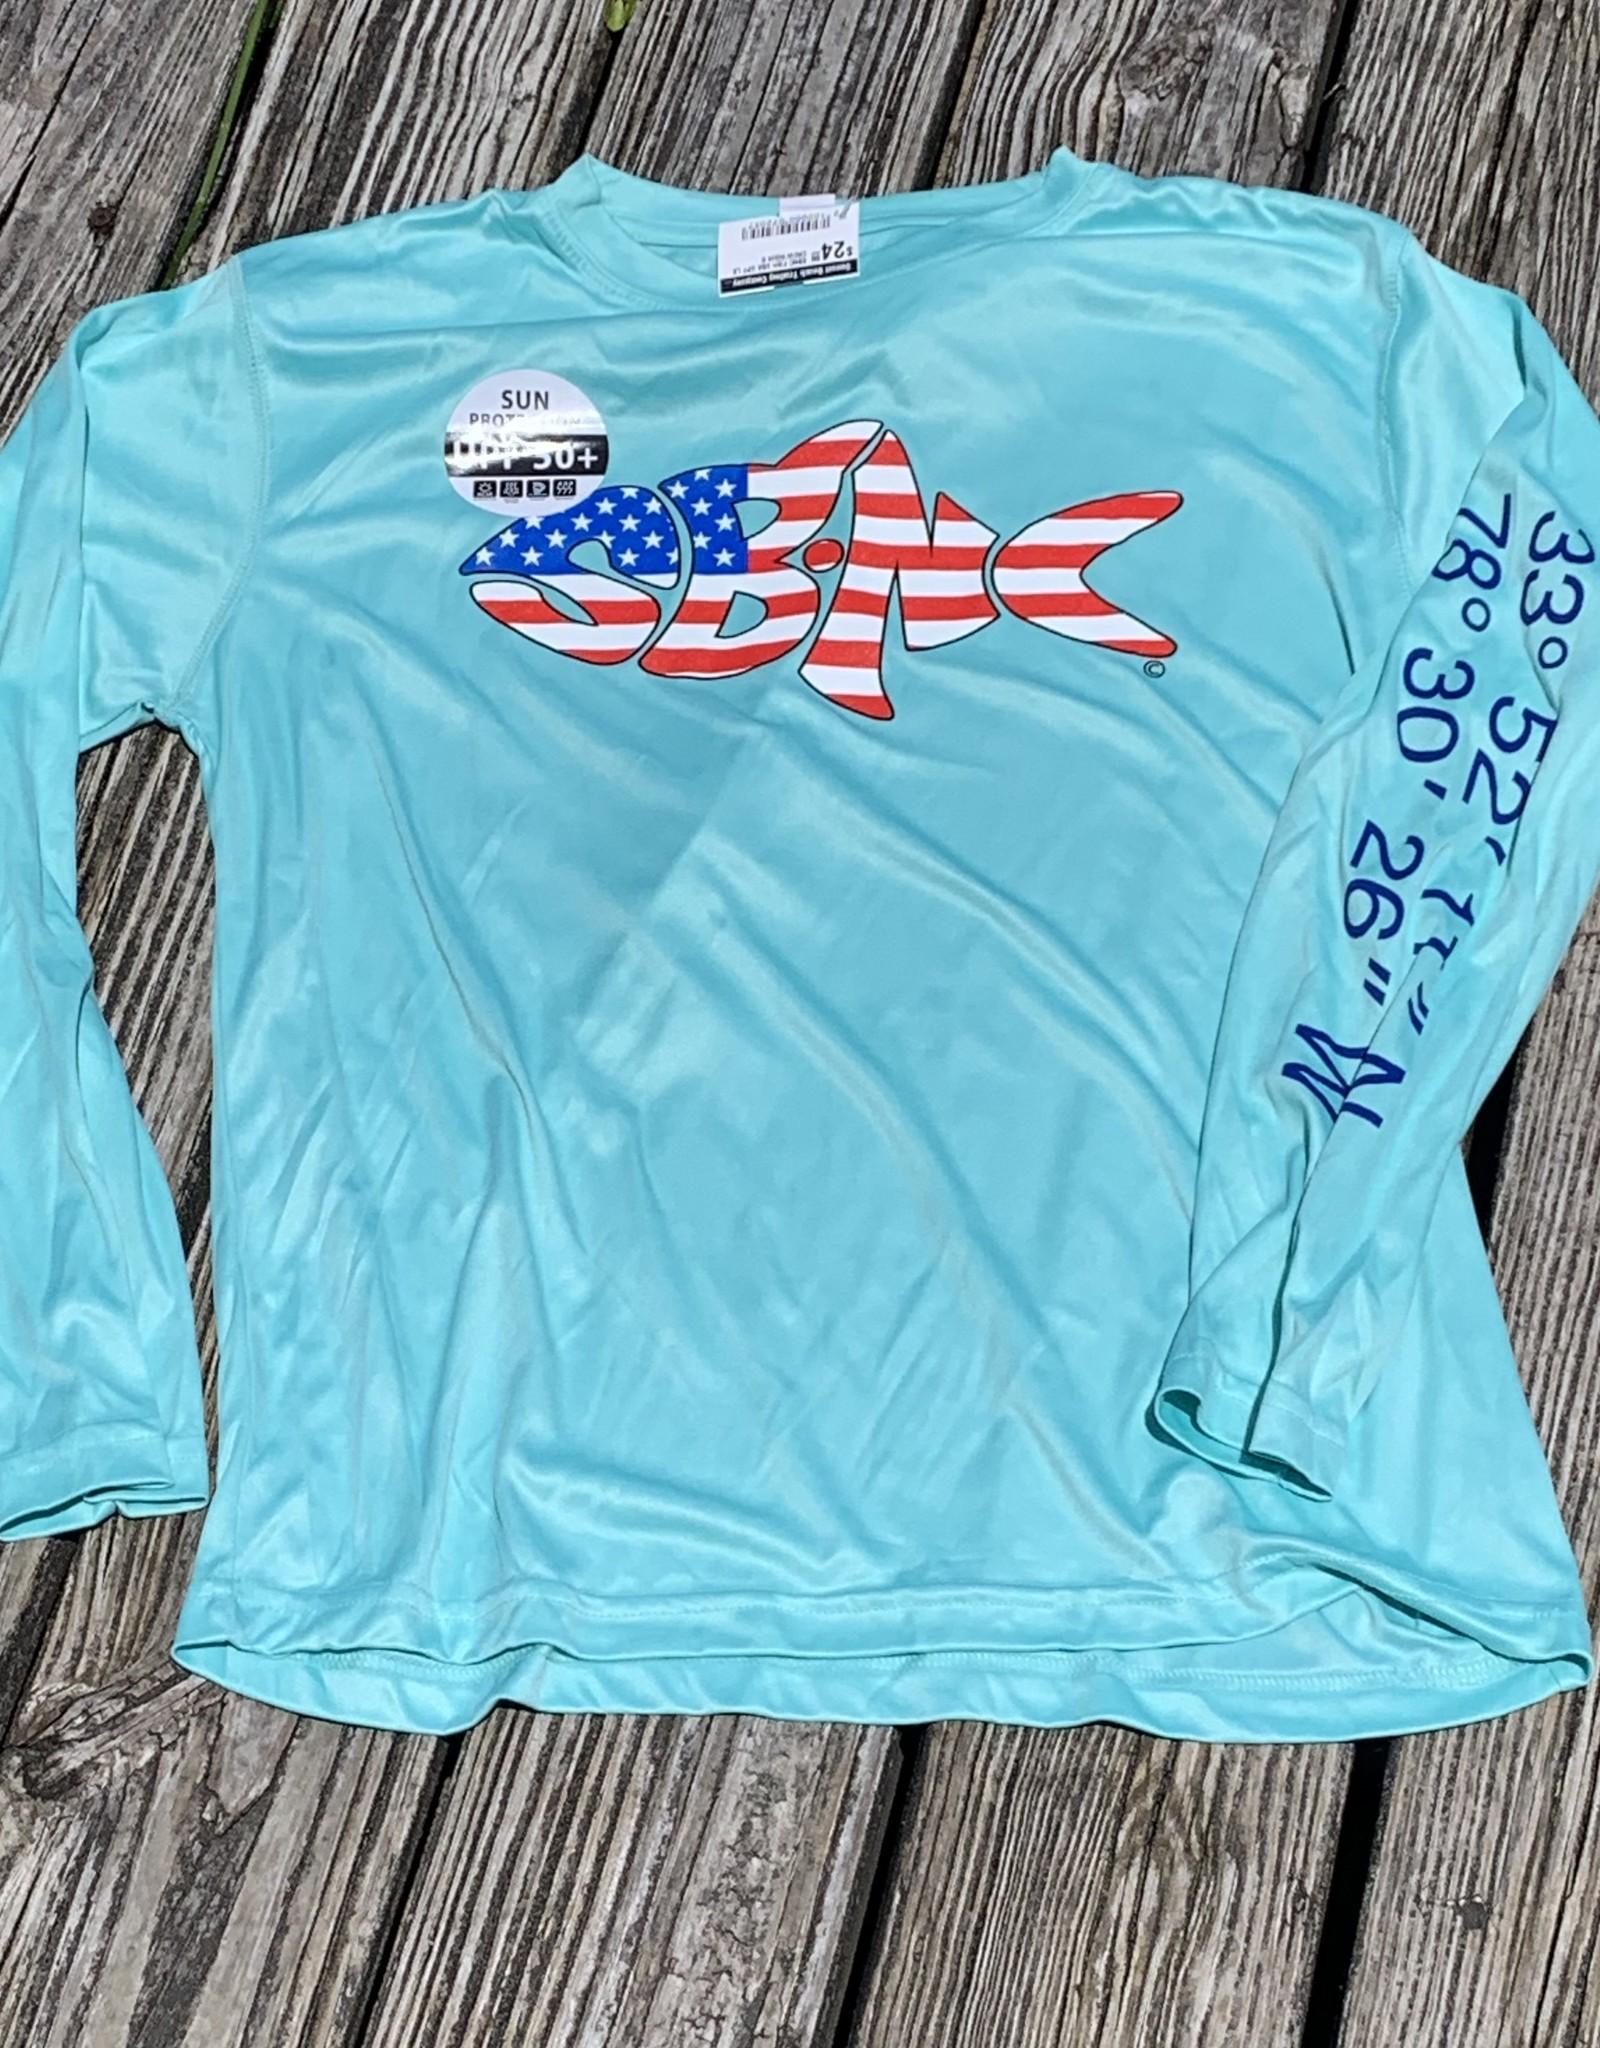 sbncfish SBNC FISH USA UPF LS CREW